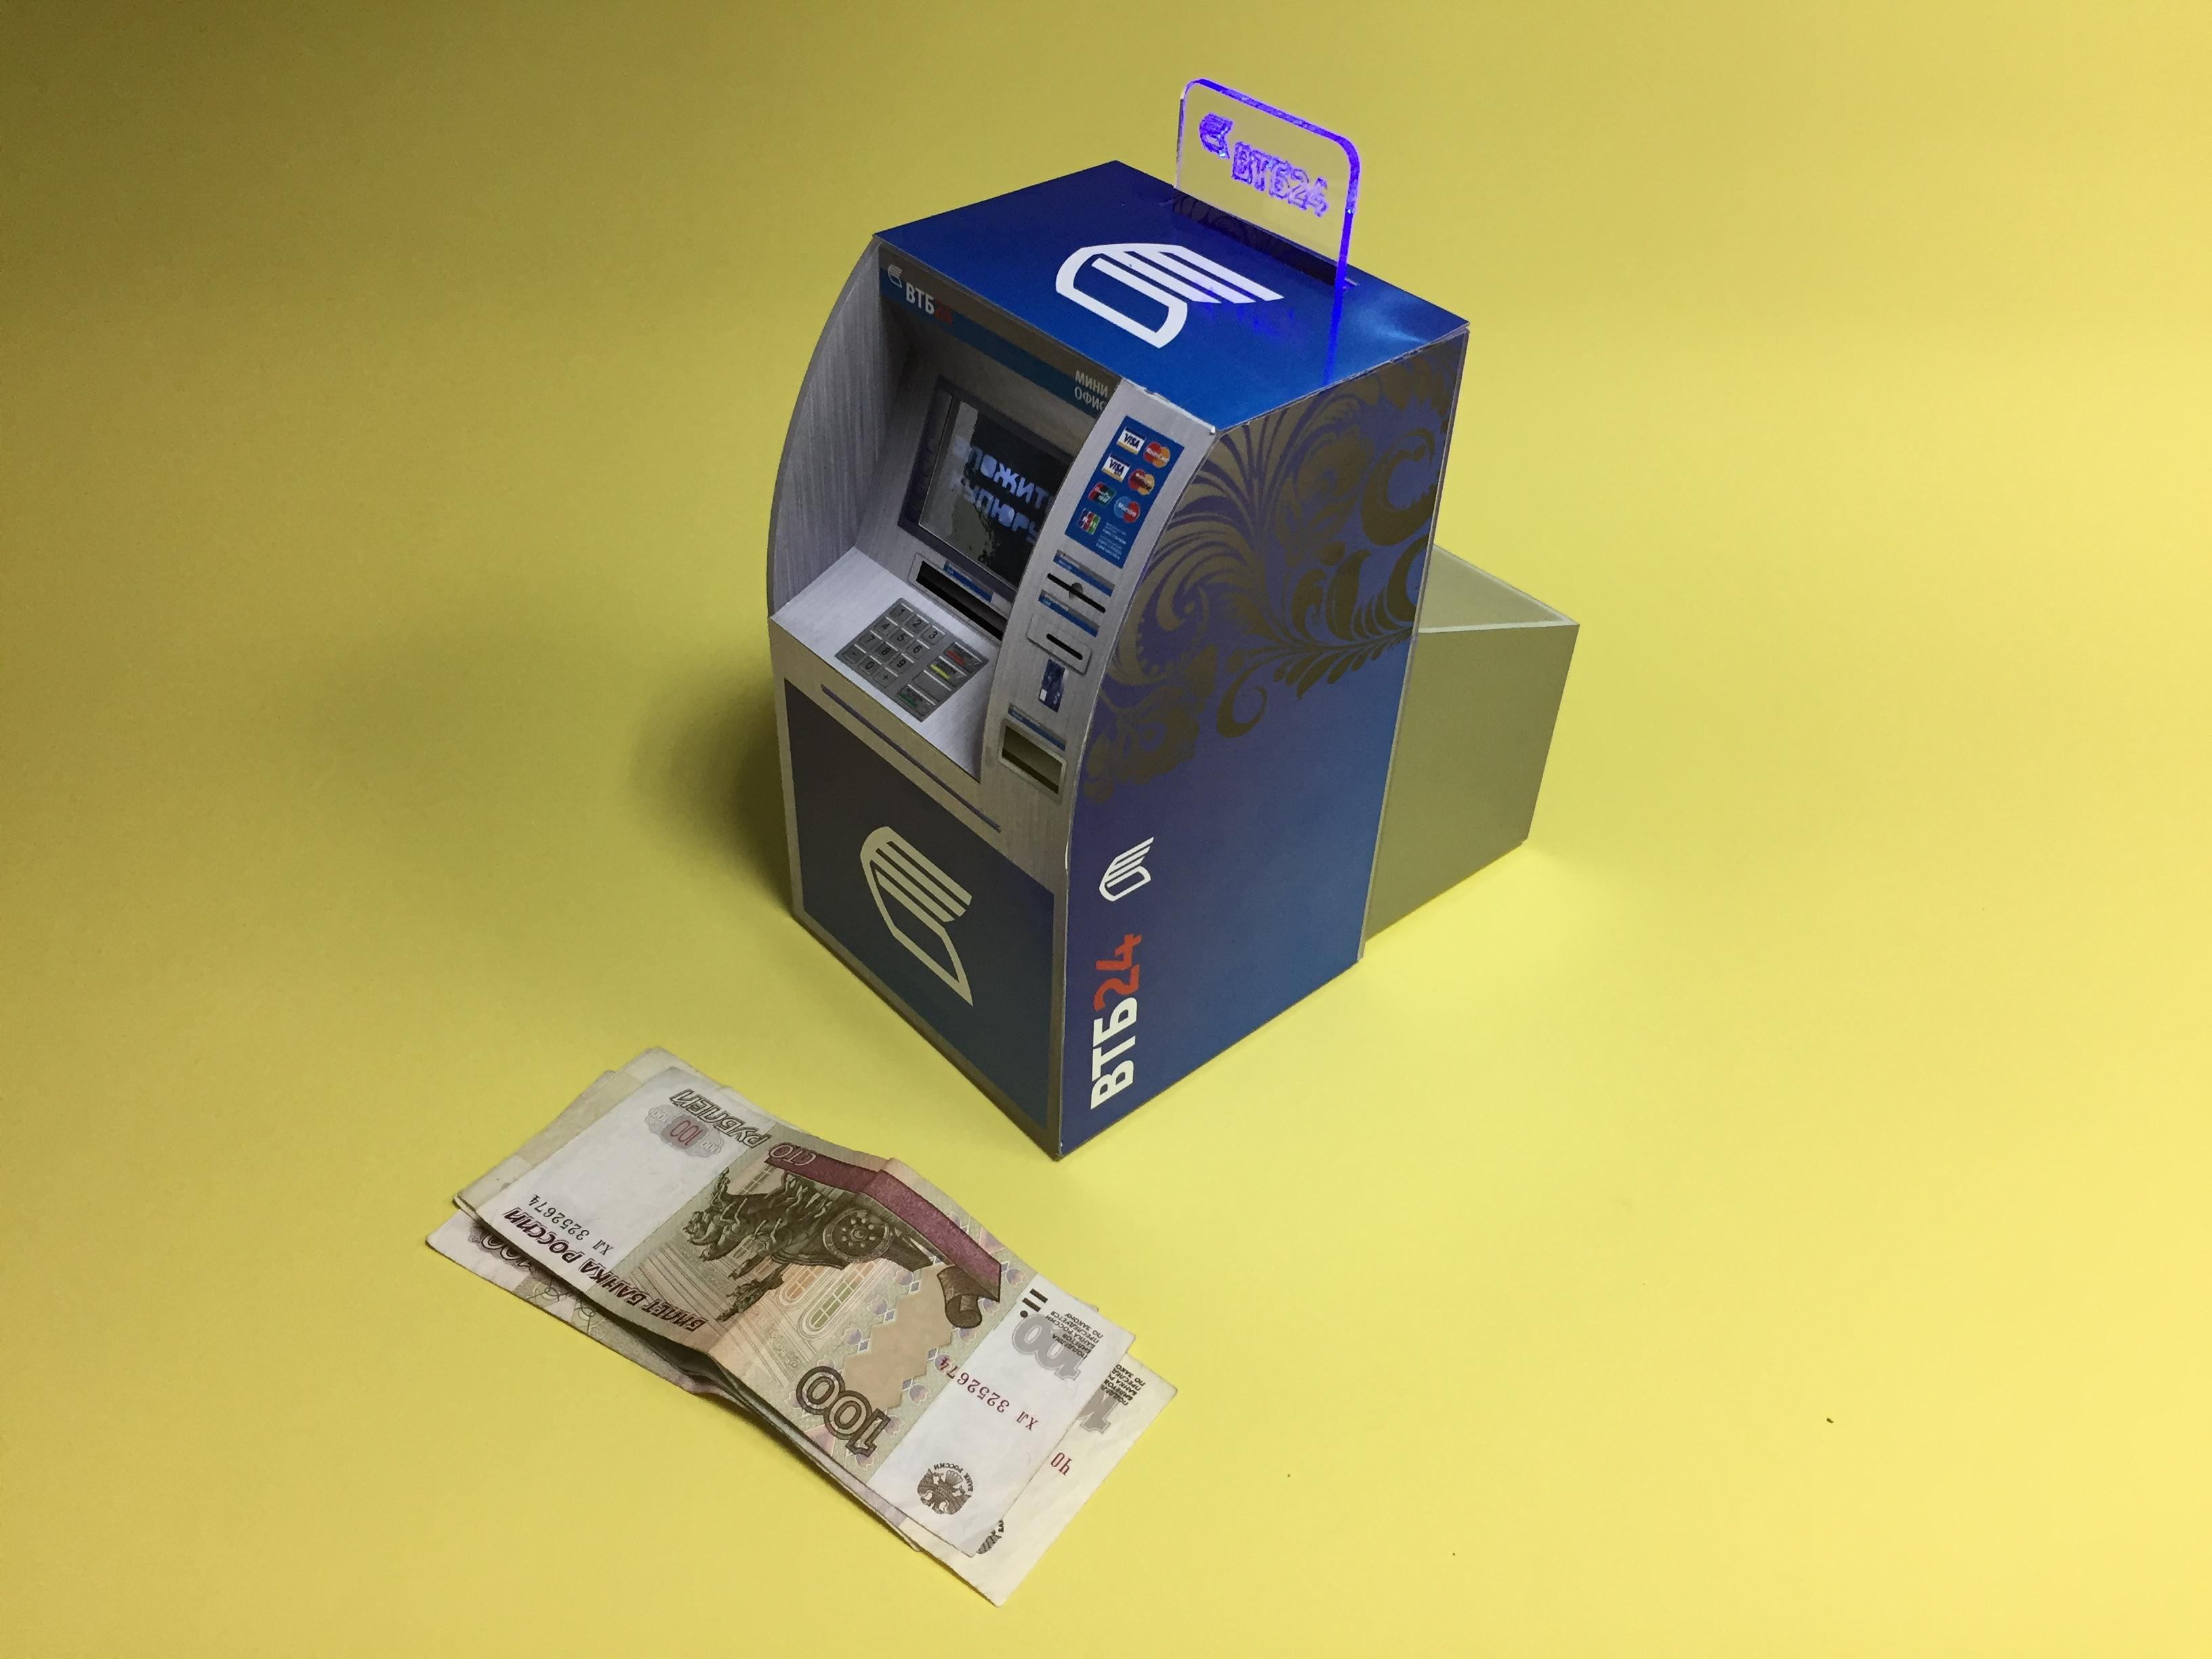 втб банк екатеринбург банкоматы